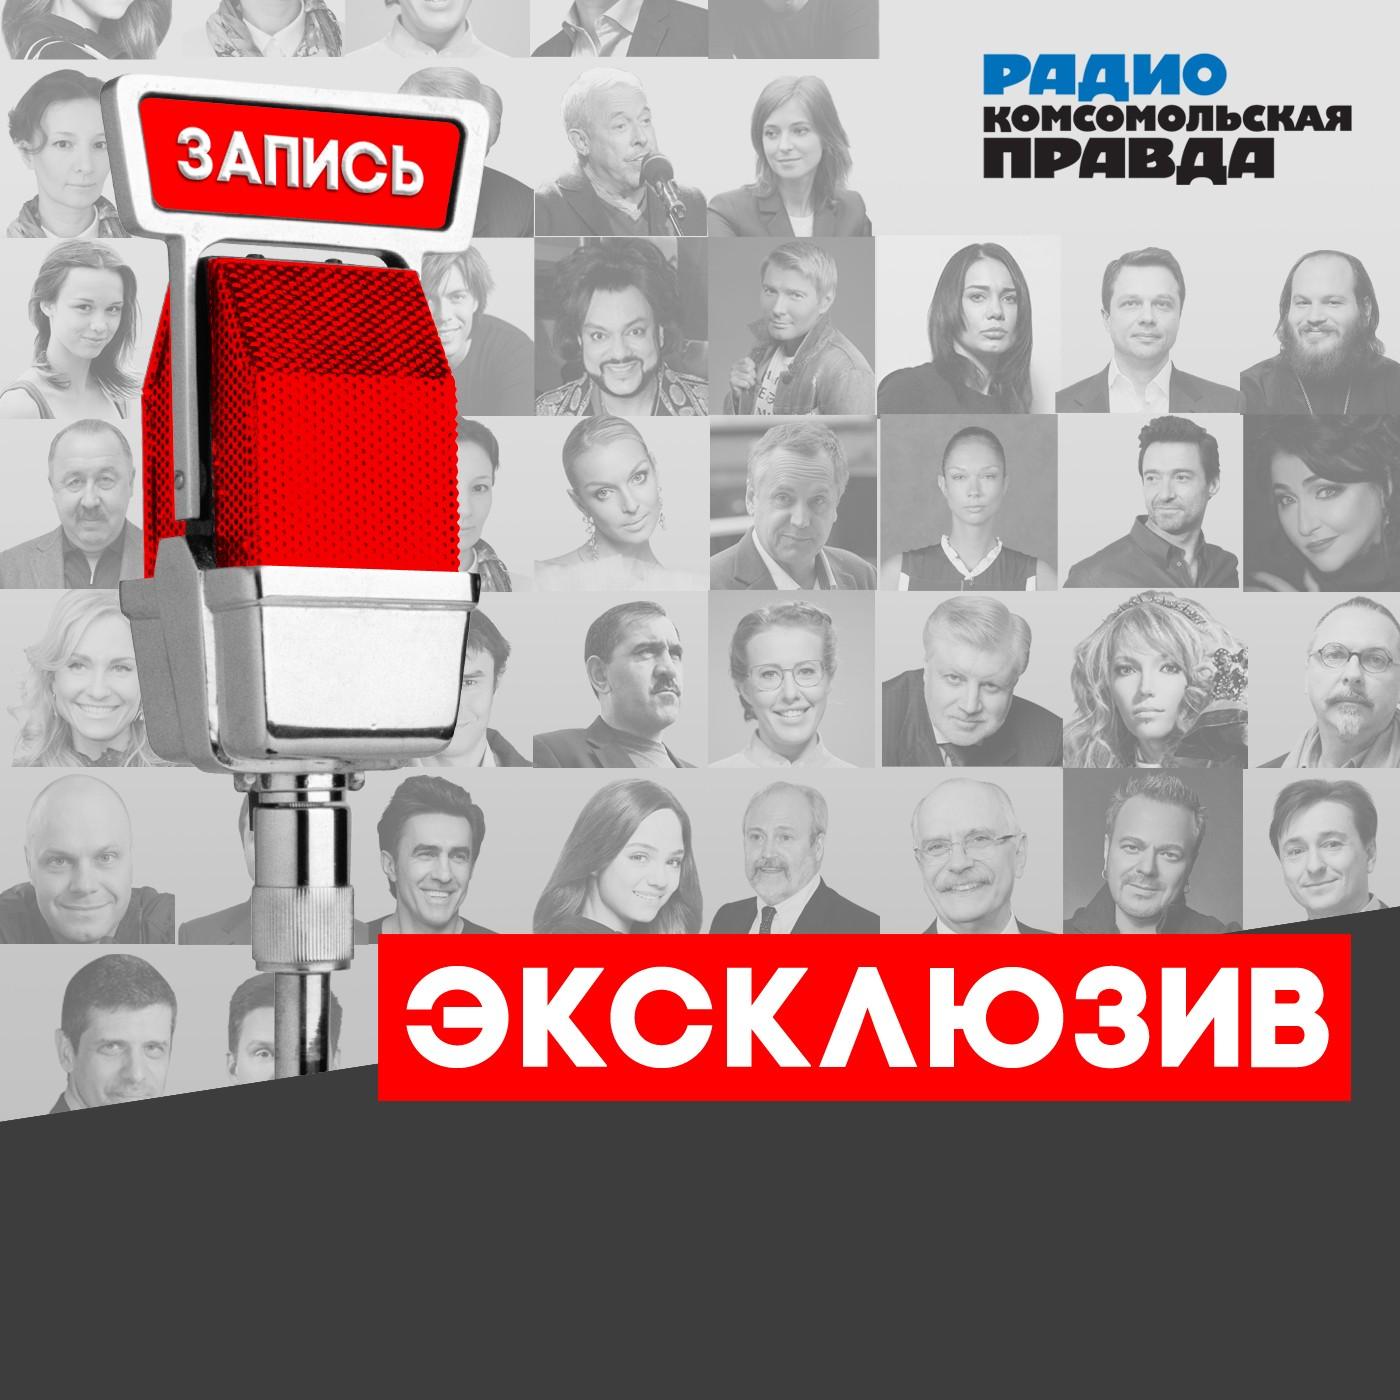 цена на Радио «Комсомольская правда» Николай Басков: Женщины предлагали любые деньги за вечер со мной, но я не поддался!